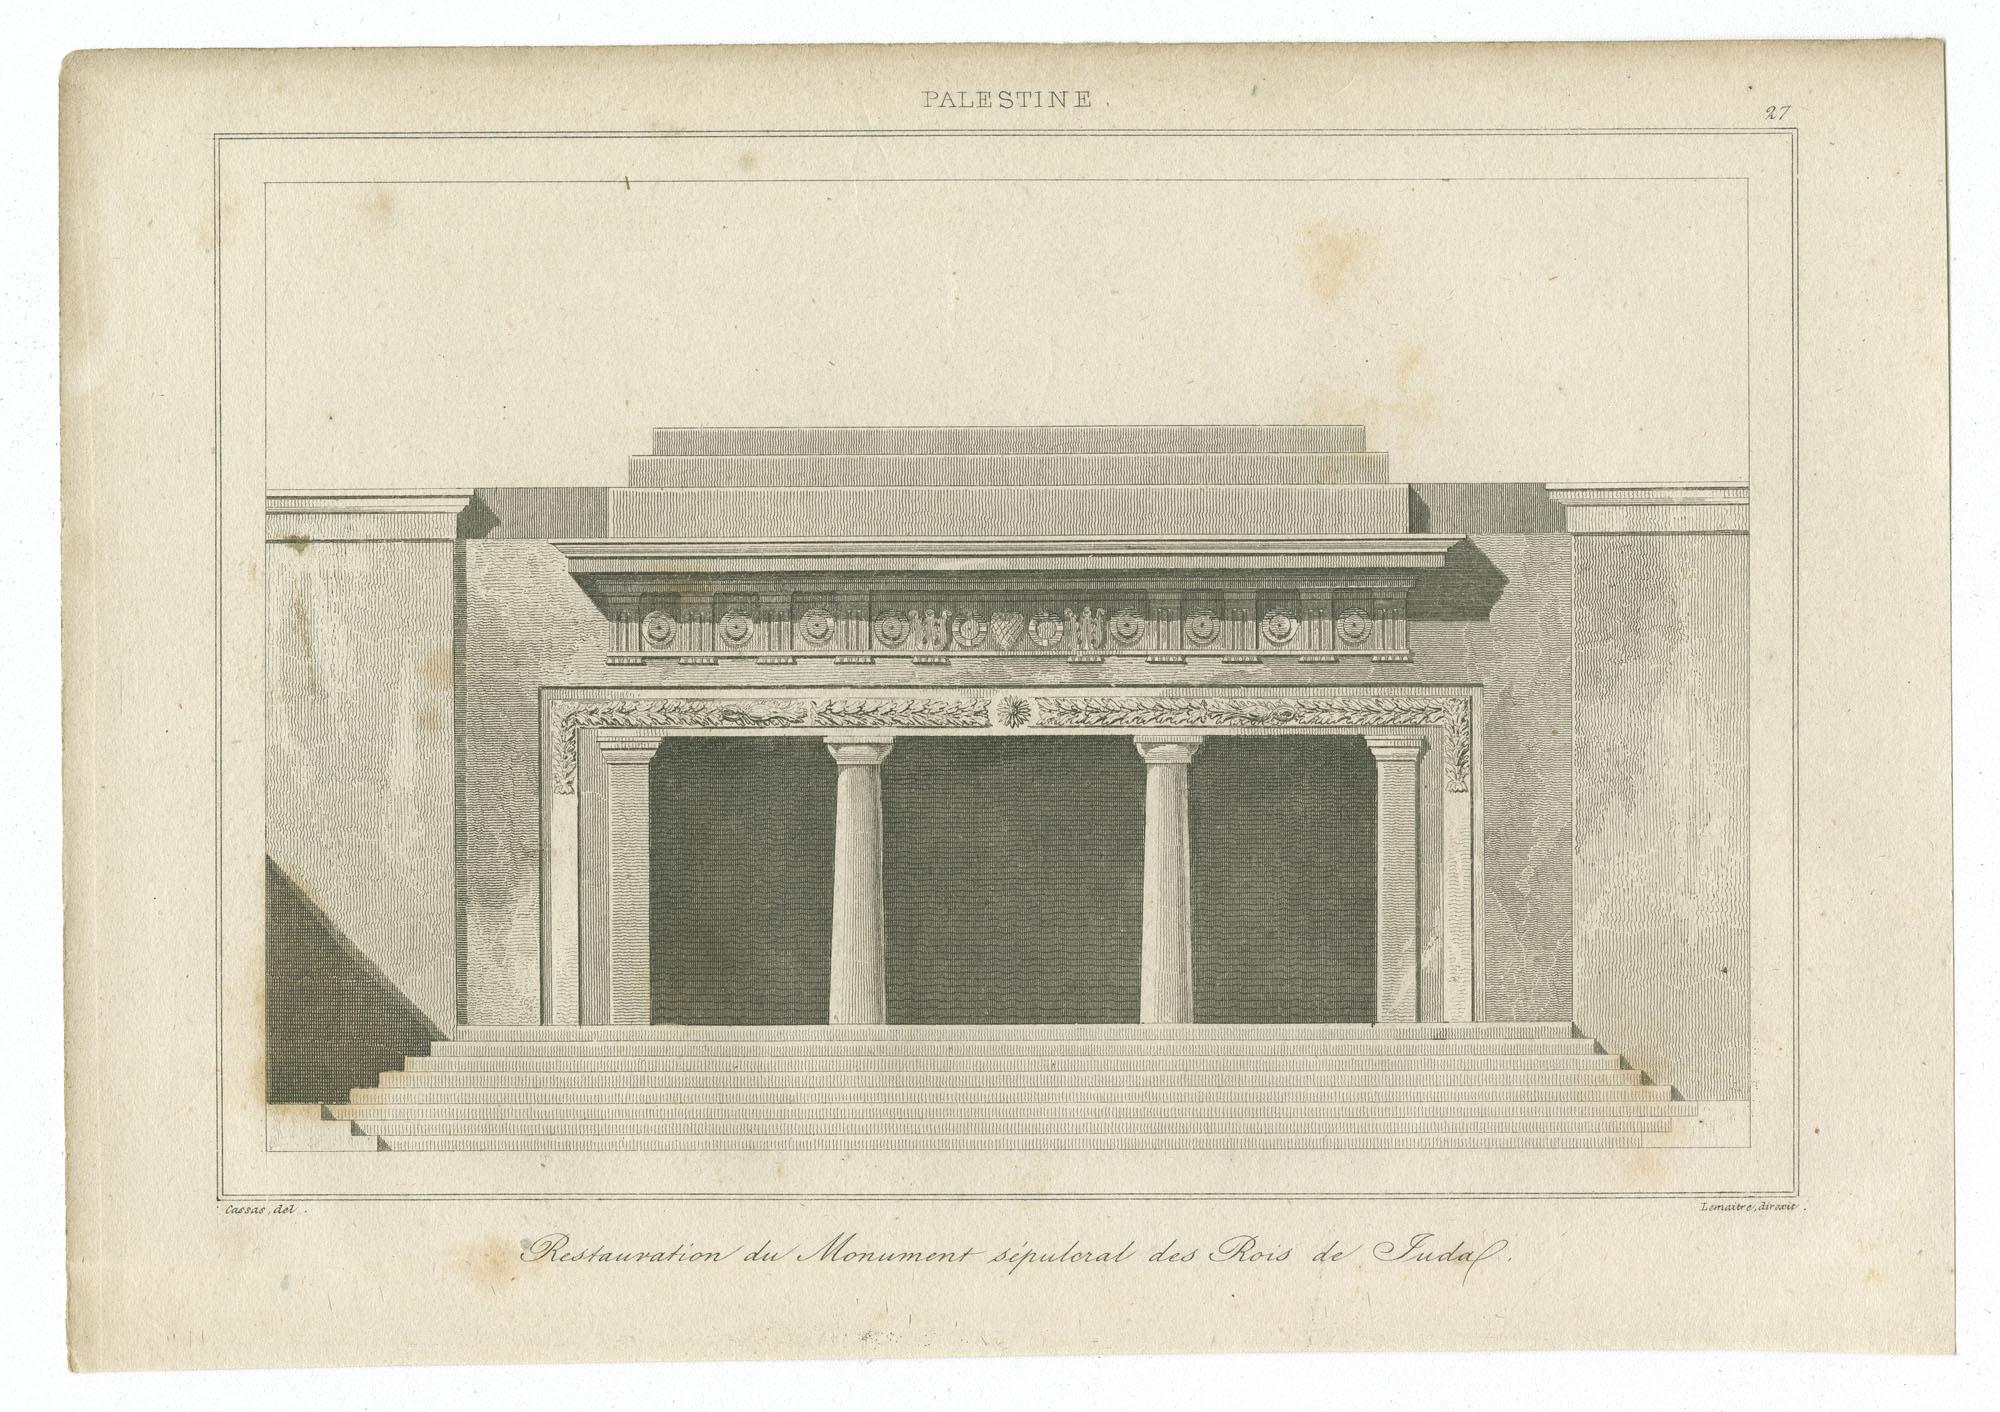 Restauration du Monument sépulcral des Rois de Juda